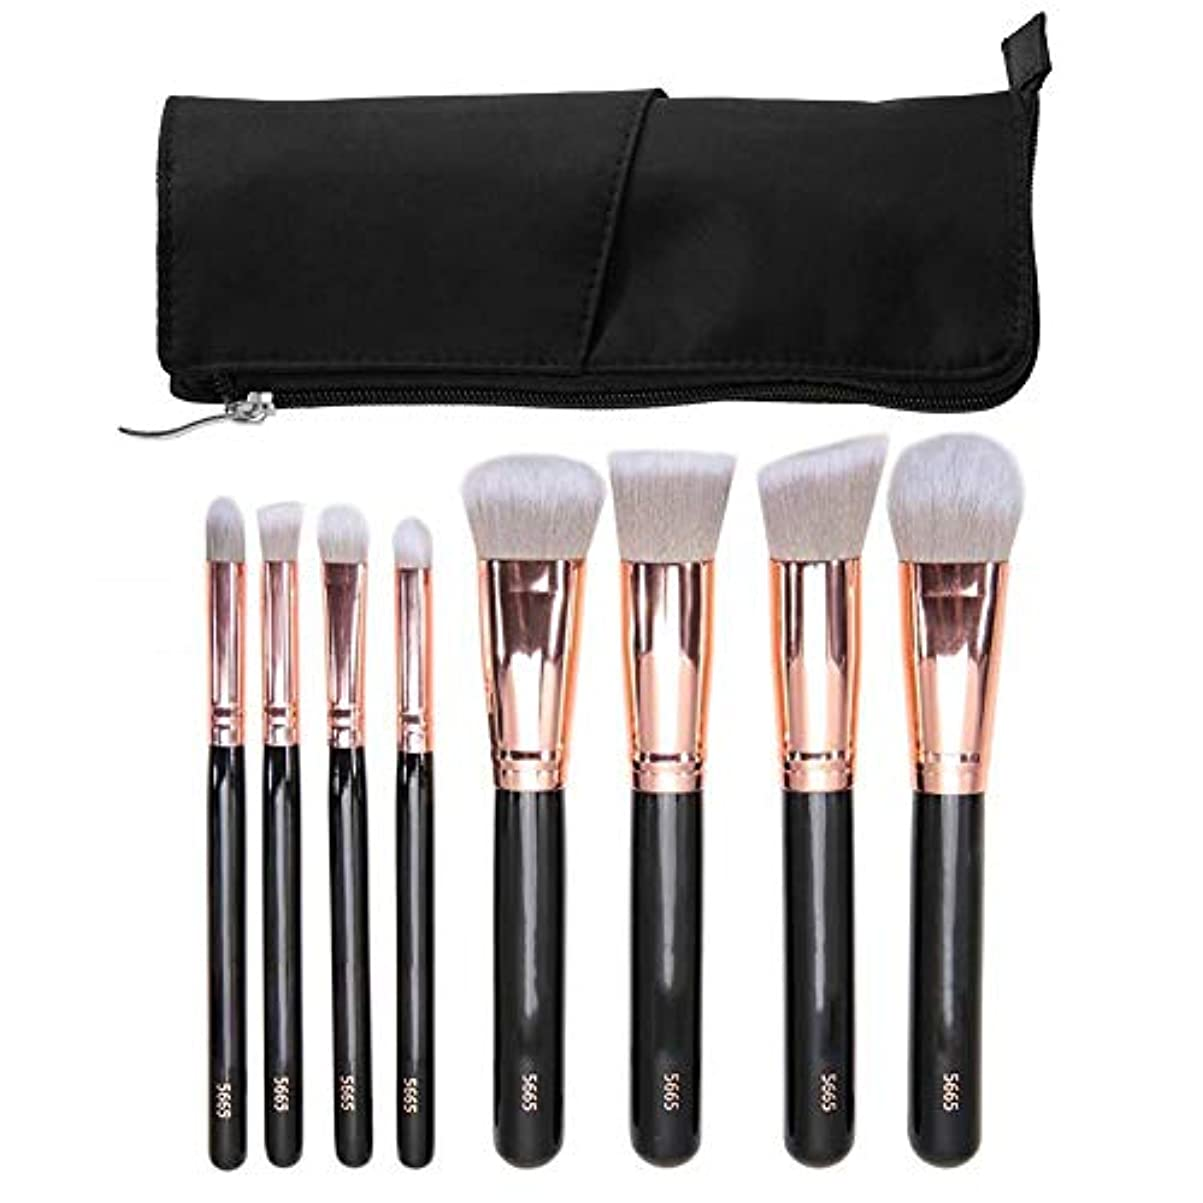 化粧ブラシ、ケース付きポータブル化粧ブラシファンデーションキット頬紅アイシャドウ化粧品ツール(8個) (ゴールド)